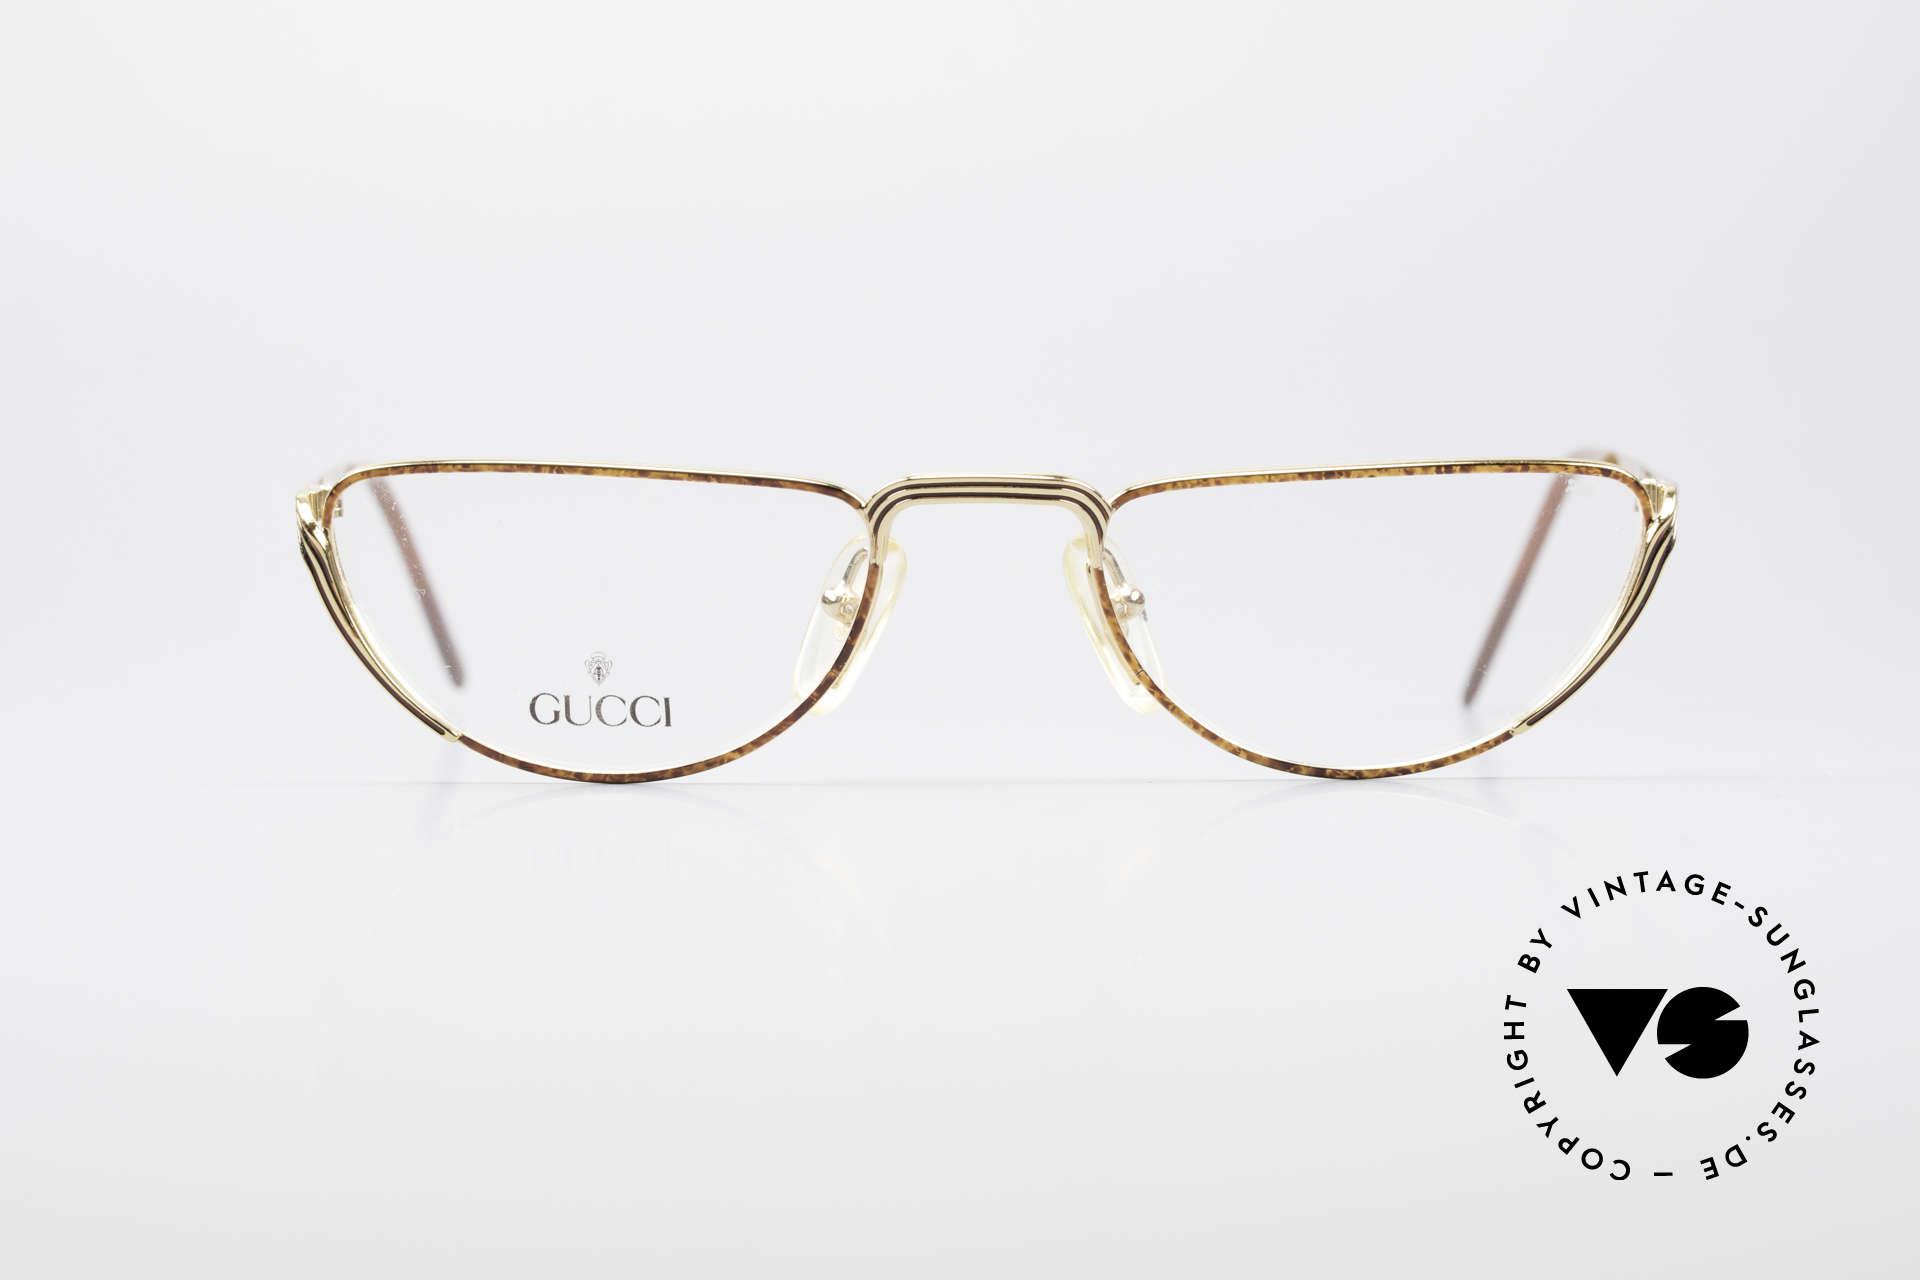 Gucci 2203 Vintage Lesebrille 80er, absolute Rarität in Top-Qualität inkl. Etui von Gucci, Passend für Herren und Damen